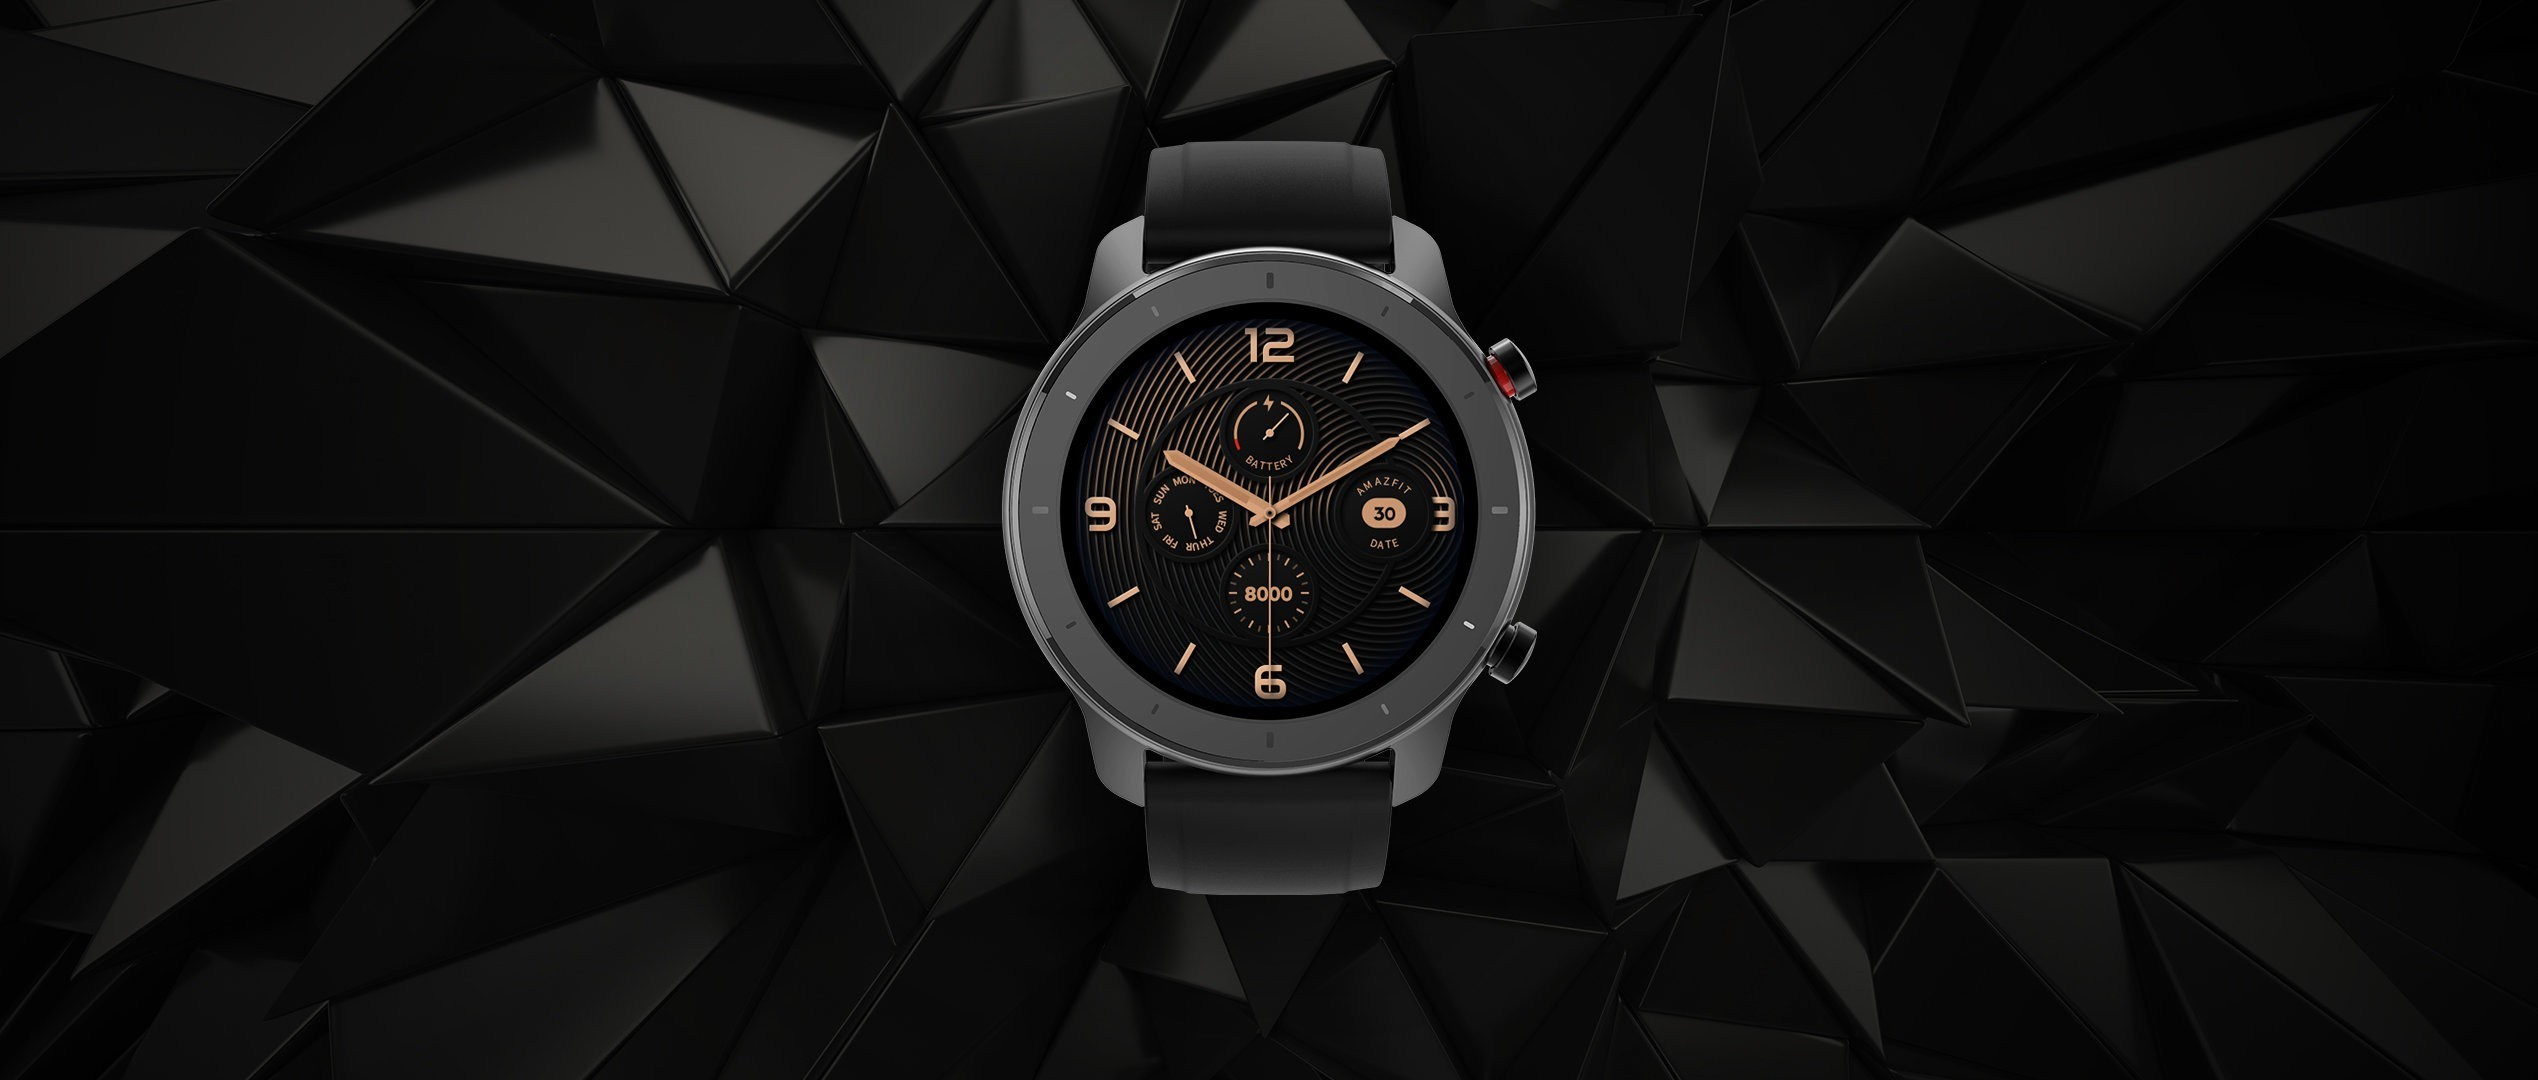 Photo of השעון החכם המרשים מבית Xiaomi: קופונים טריים ברשת